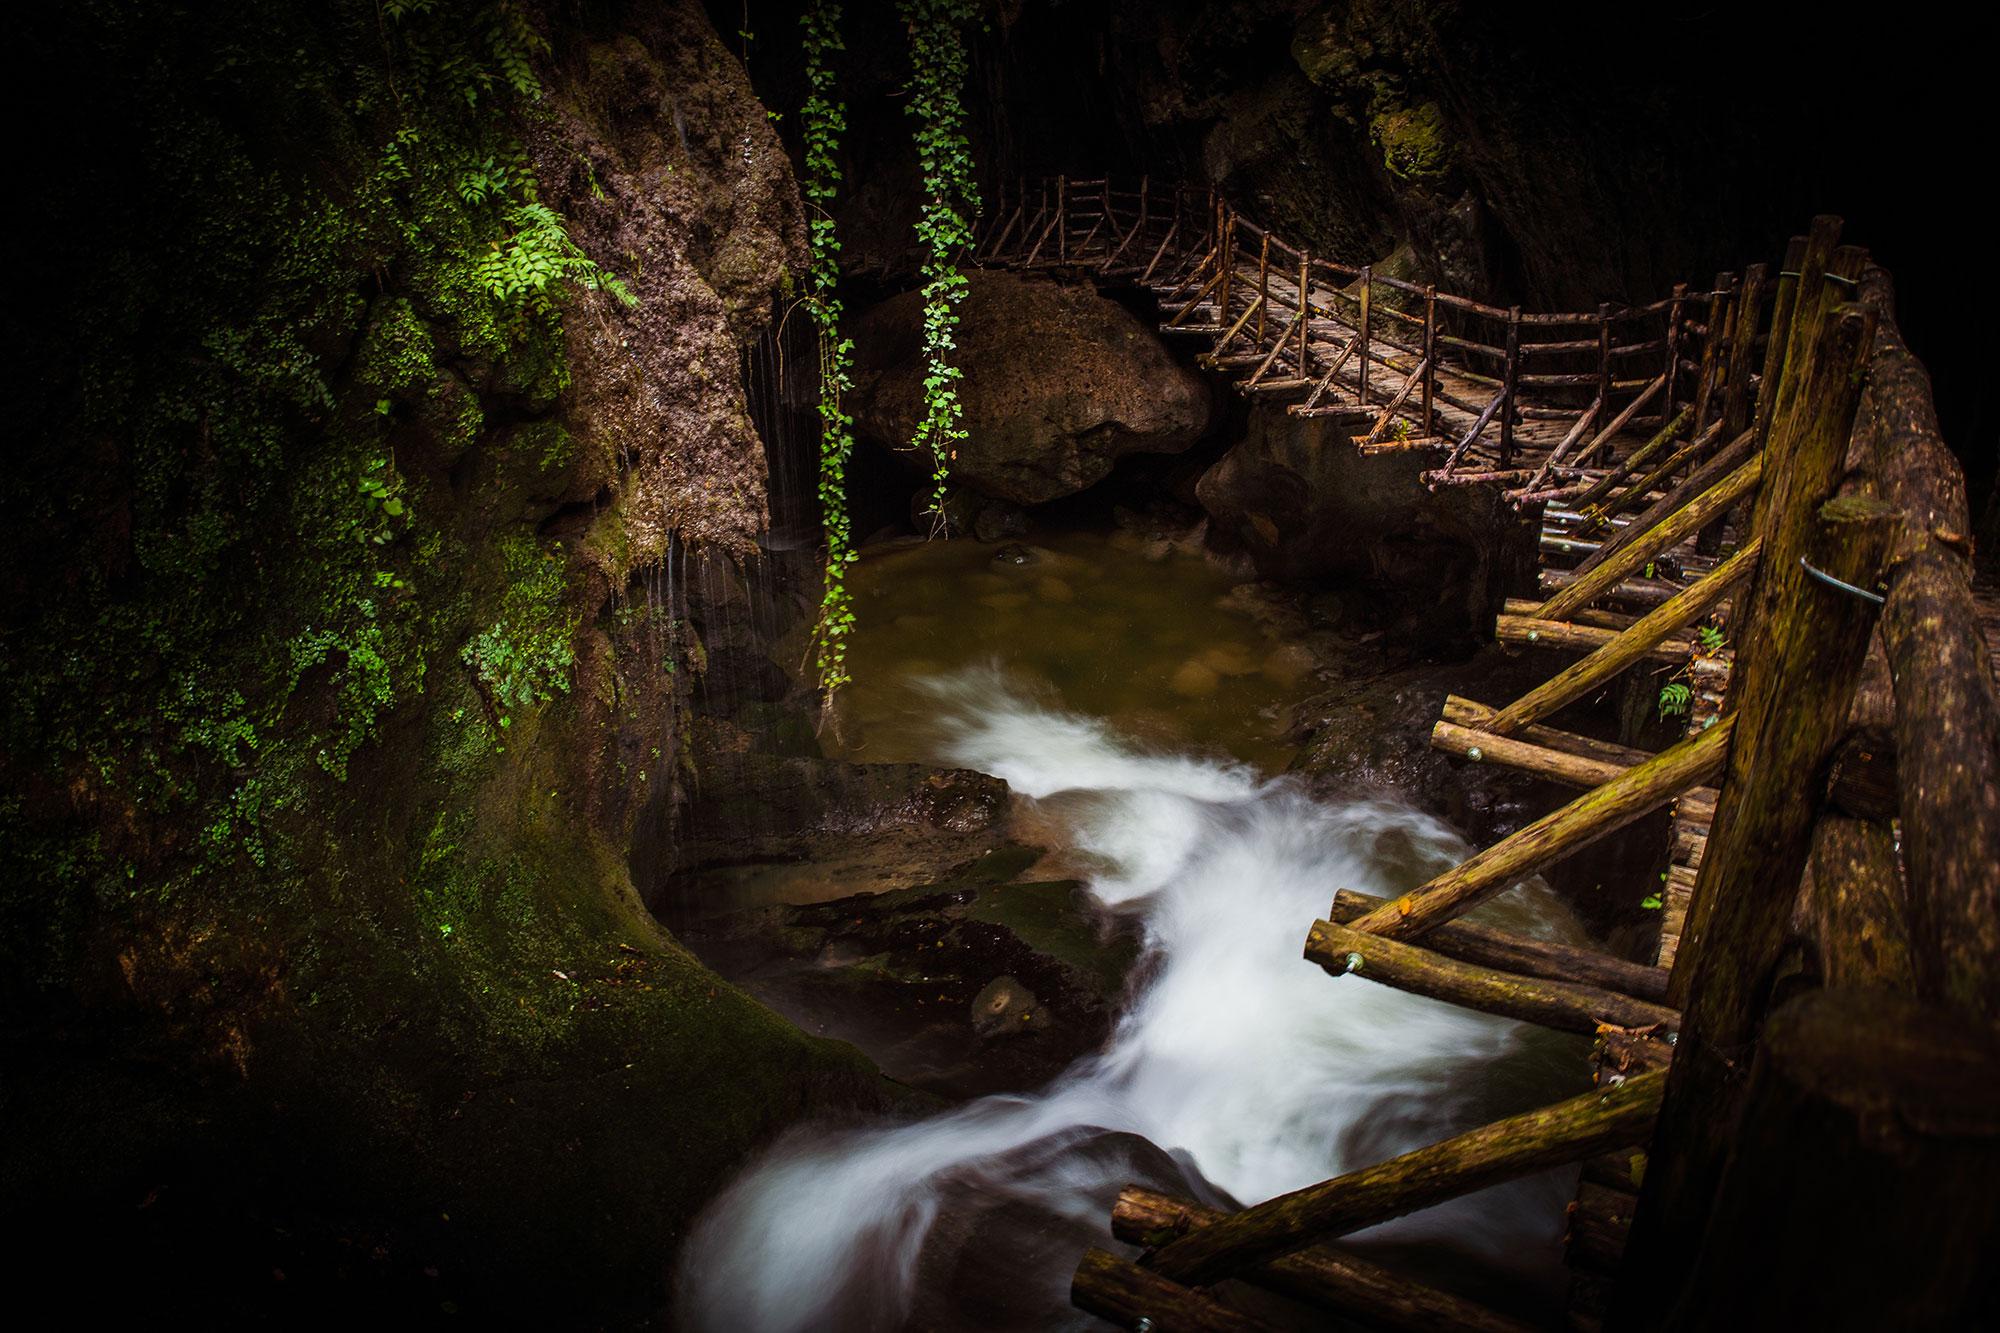 Grotte del Caglieron - Pro Loco Fregona